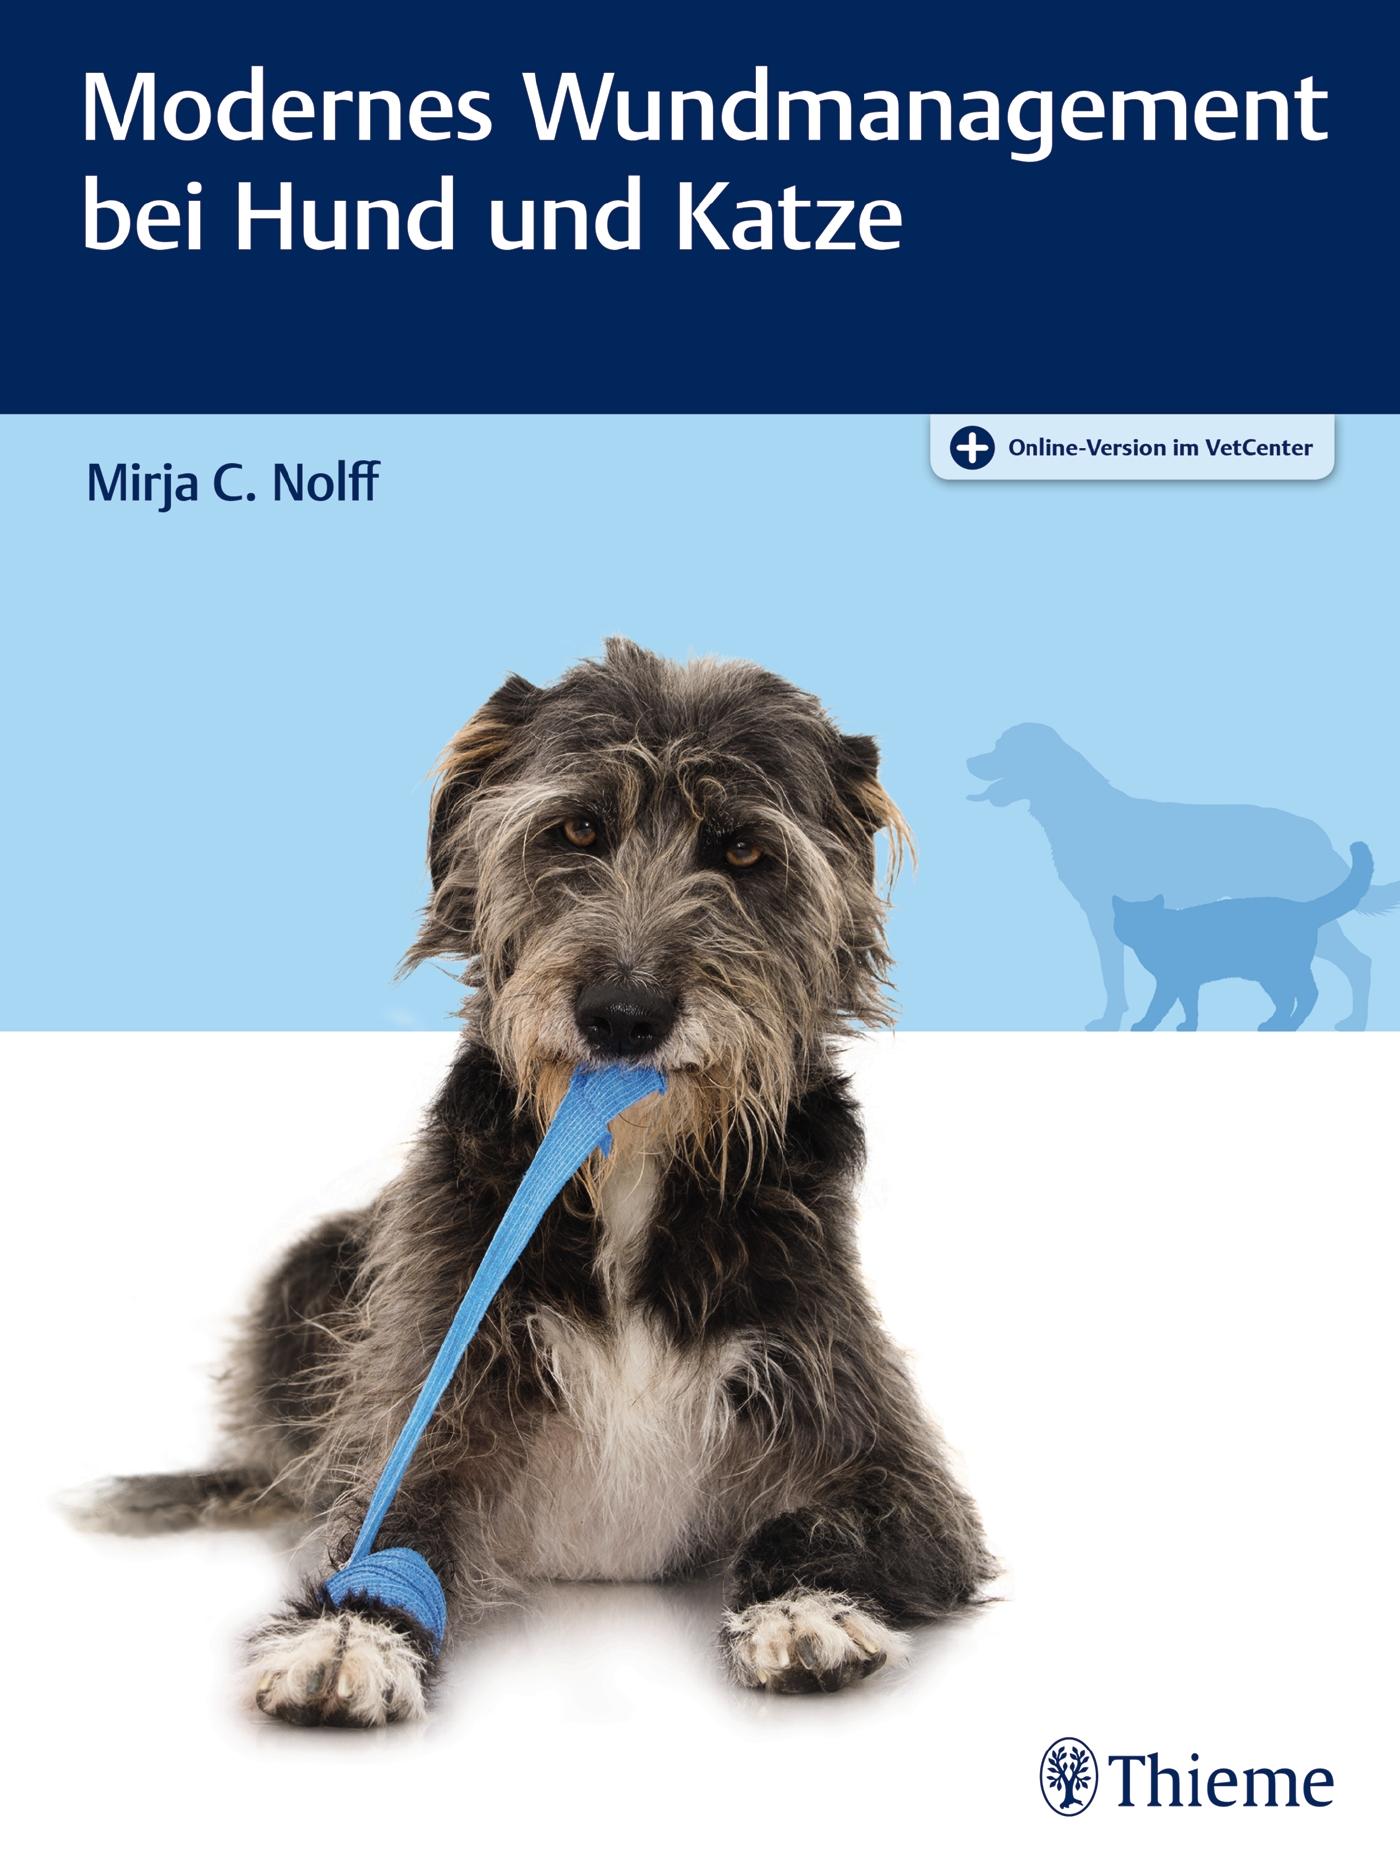 Modernes Wundmanagement bei Hund und Katze